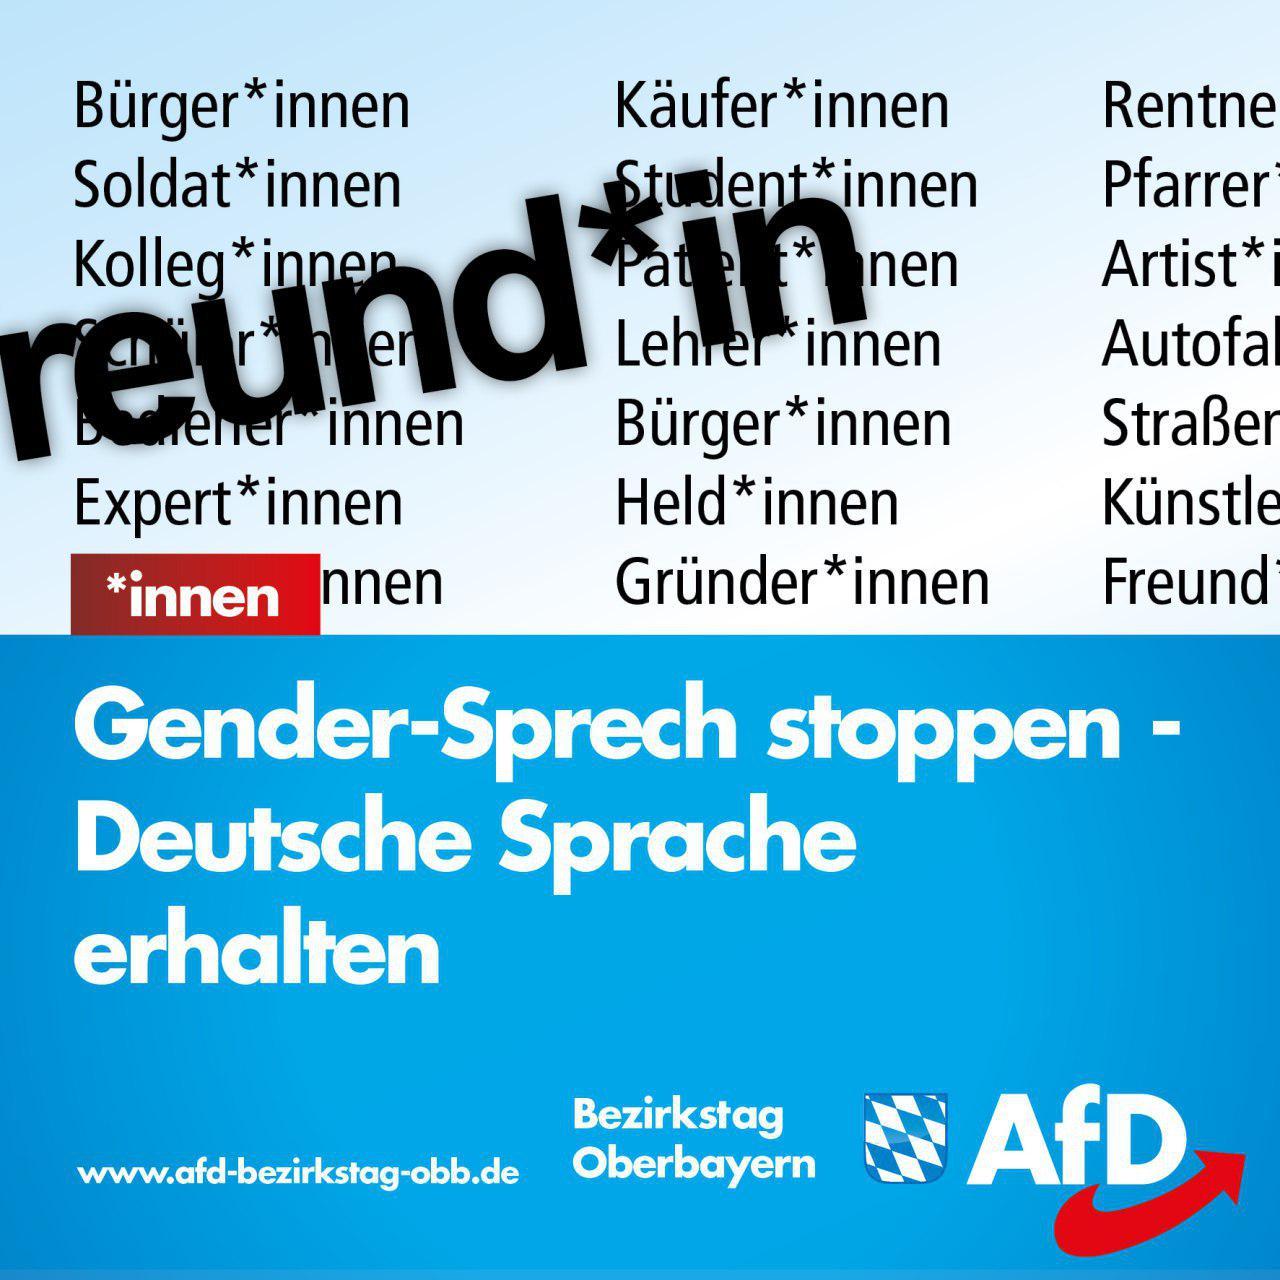 deutsche schprache